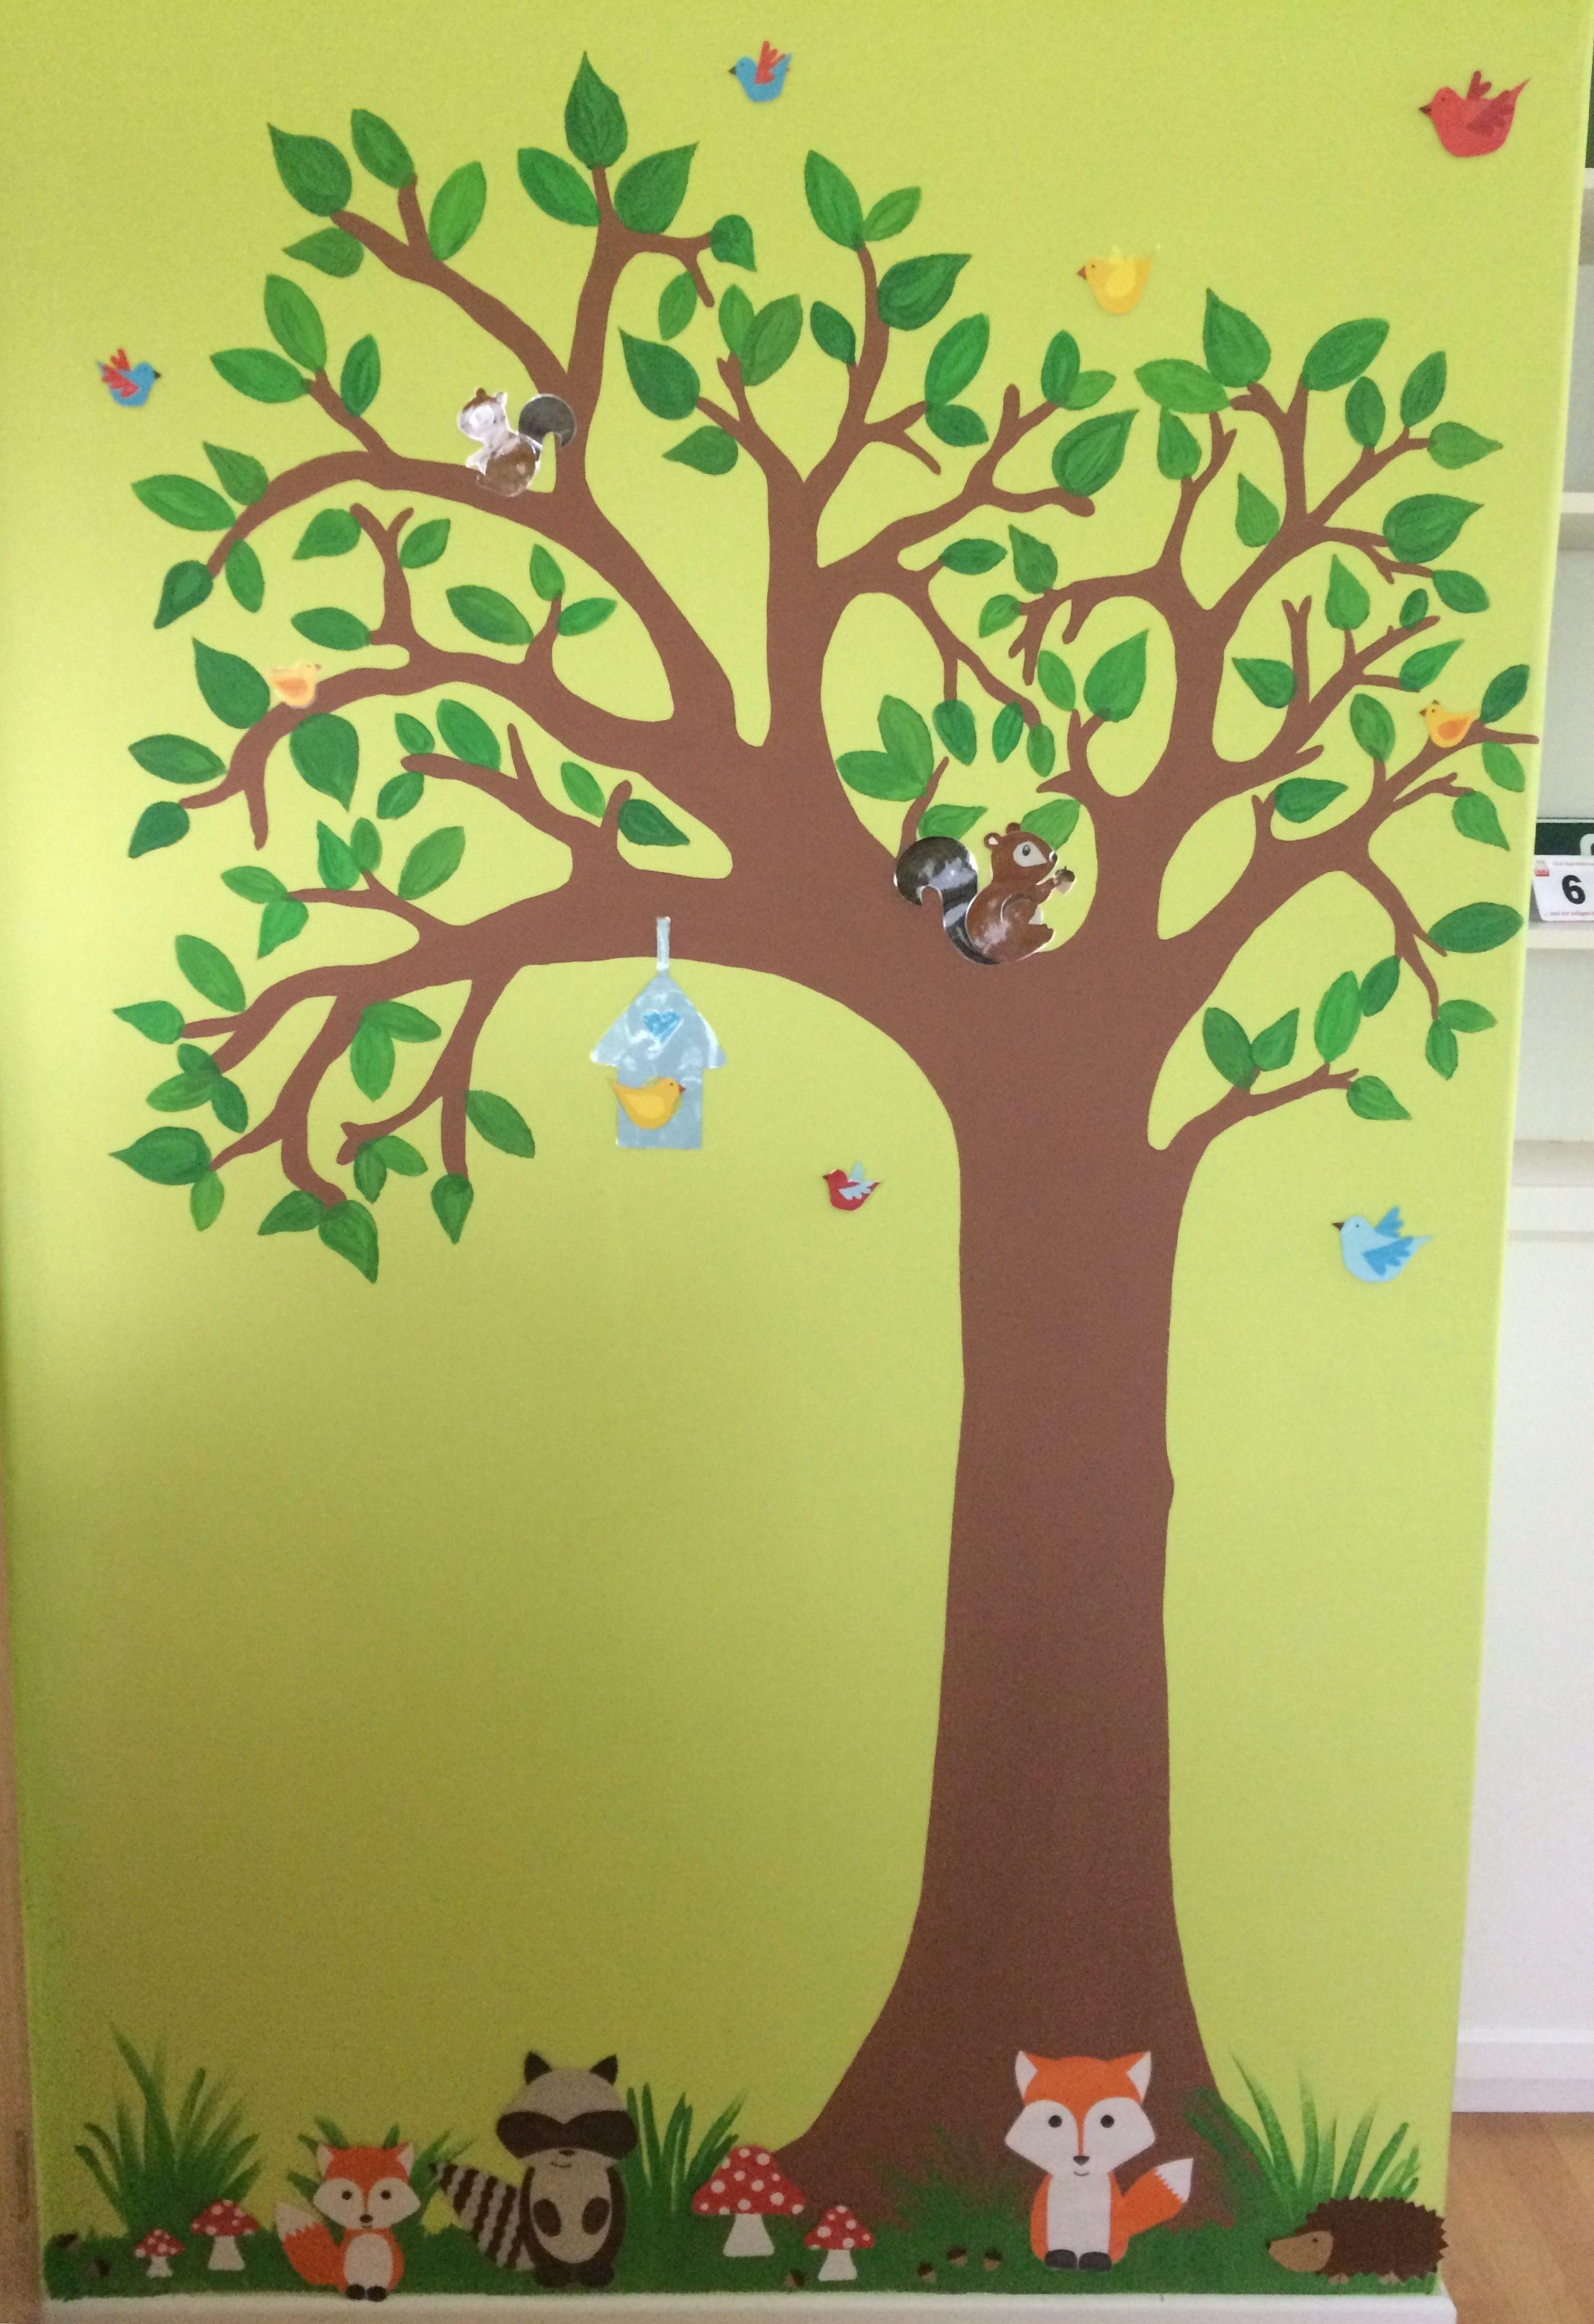 Wandgestaltung Baum Wald Tiere Diy Kinderzimmergestaltung Der Baum